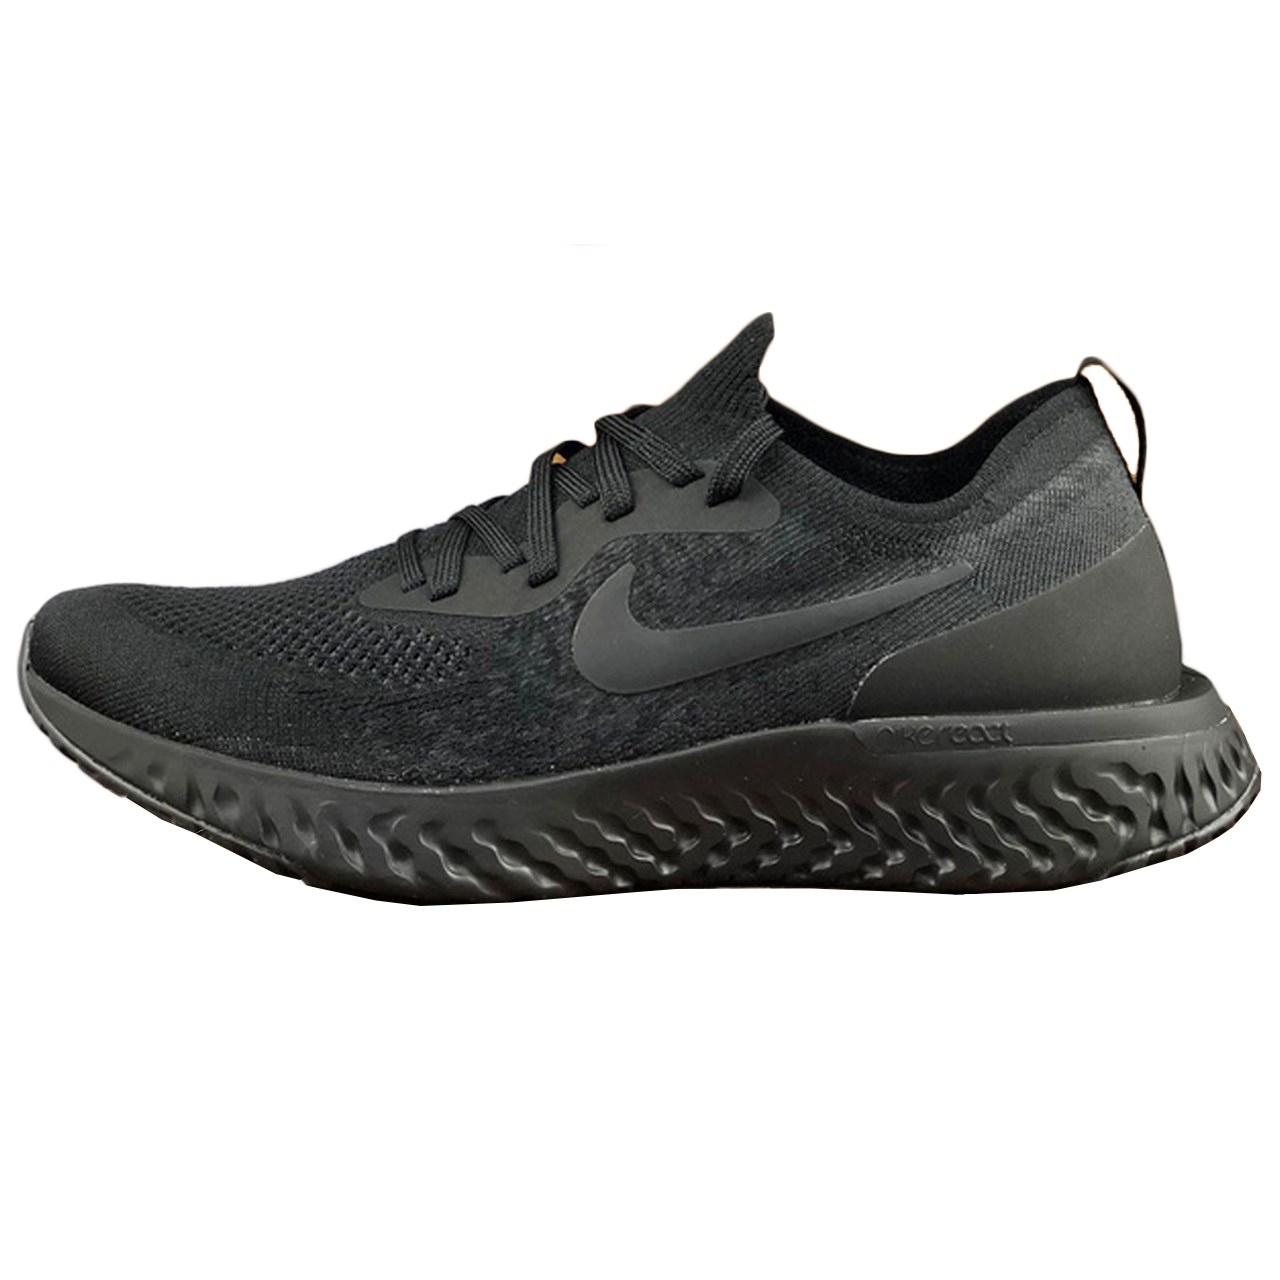 قیمت کفش ورزشی مردانه مخصوص دویدن نایکی مدل Epic react